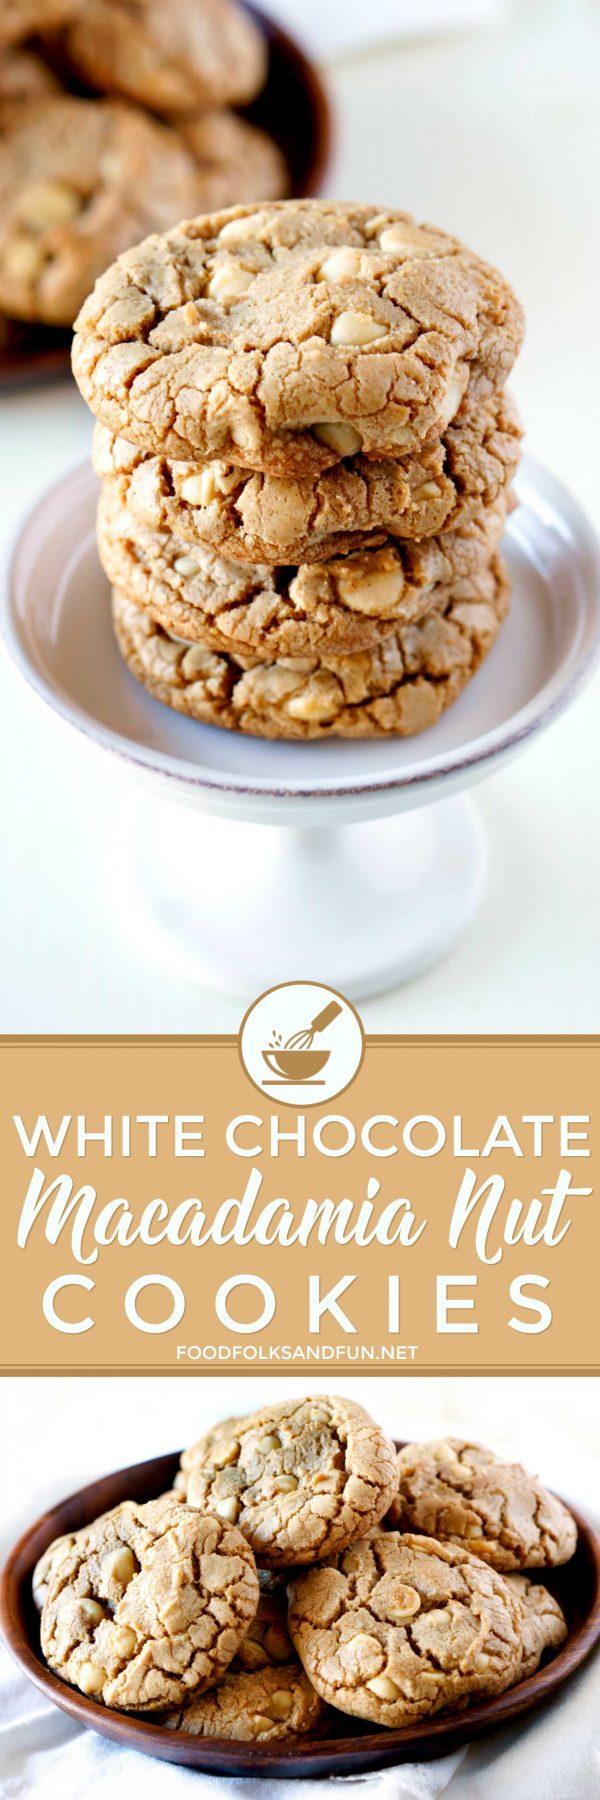 Best Macadamia Nut Cookies